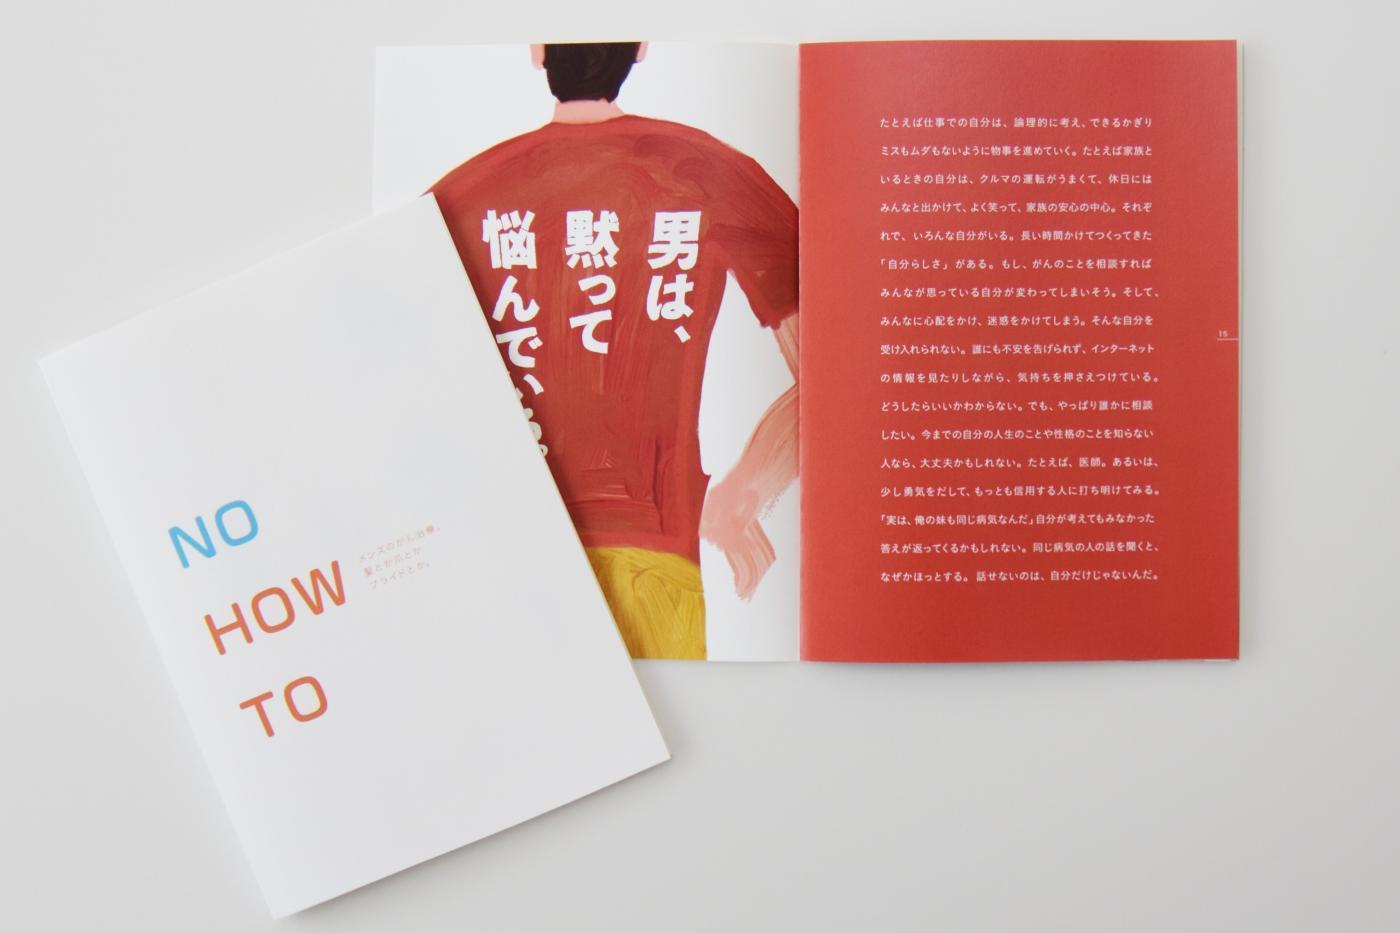 男性患者向け外見ケアのガイドブック「NO HOW TO」を作成 国立がん研究センター中央病院